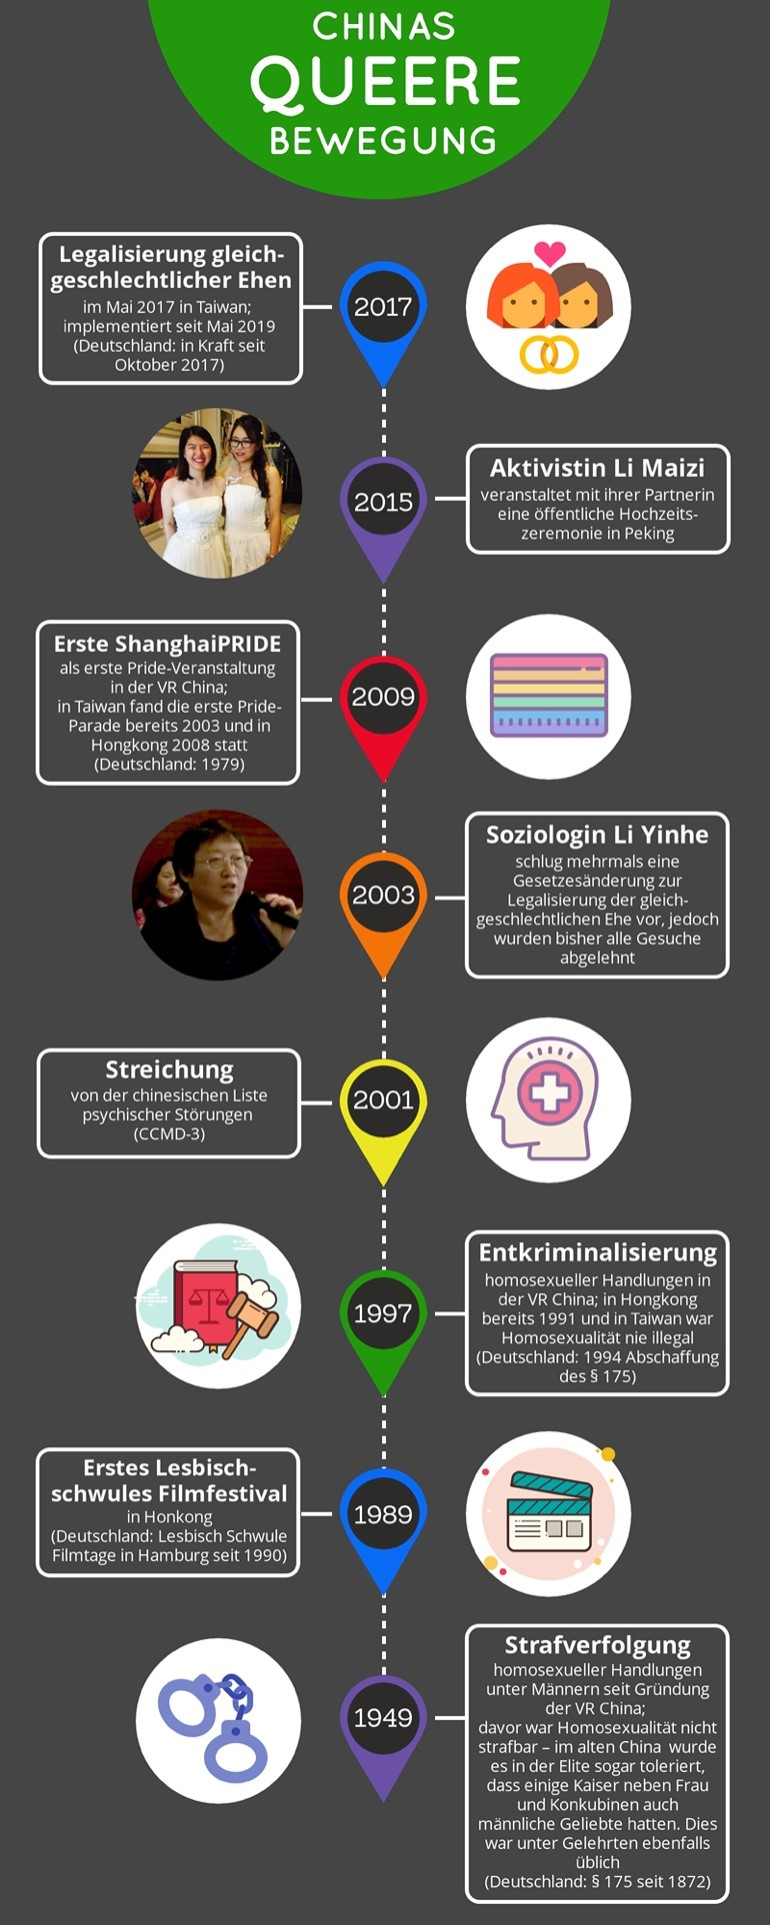 Infografik zu Chinas queerer Bewegung